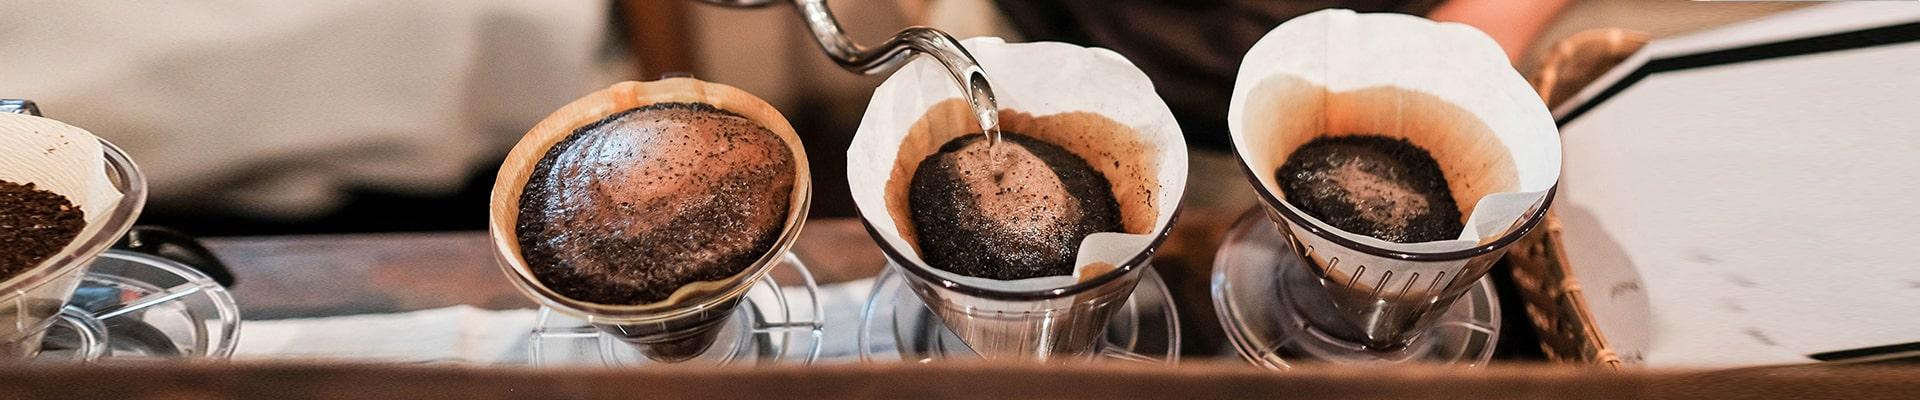 Curso de Métodos de Preparo de Café para Cafeterias